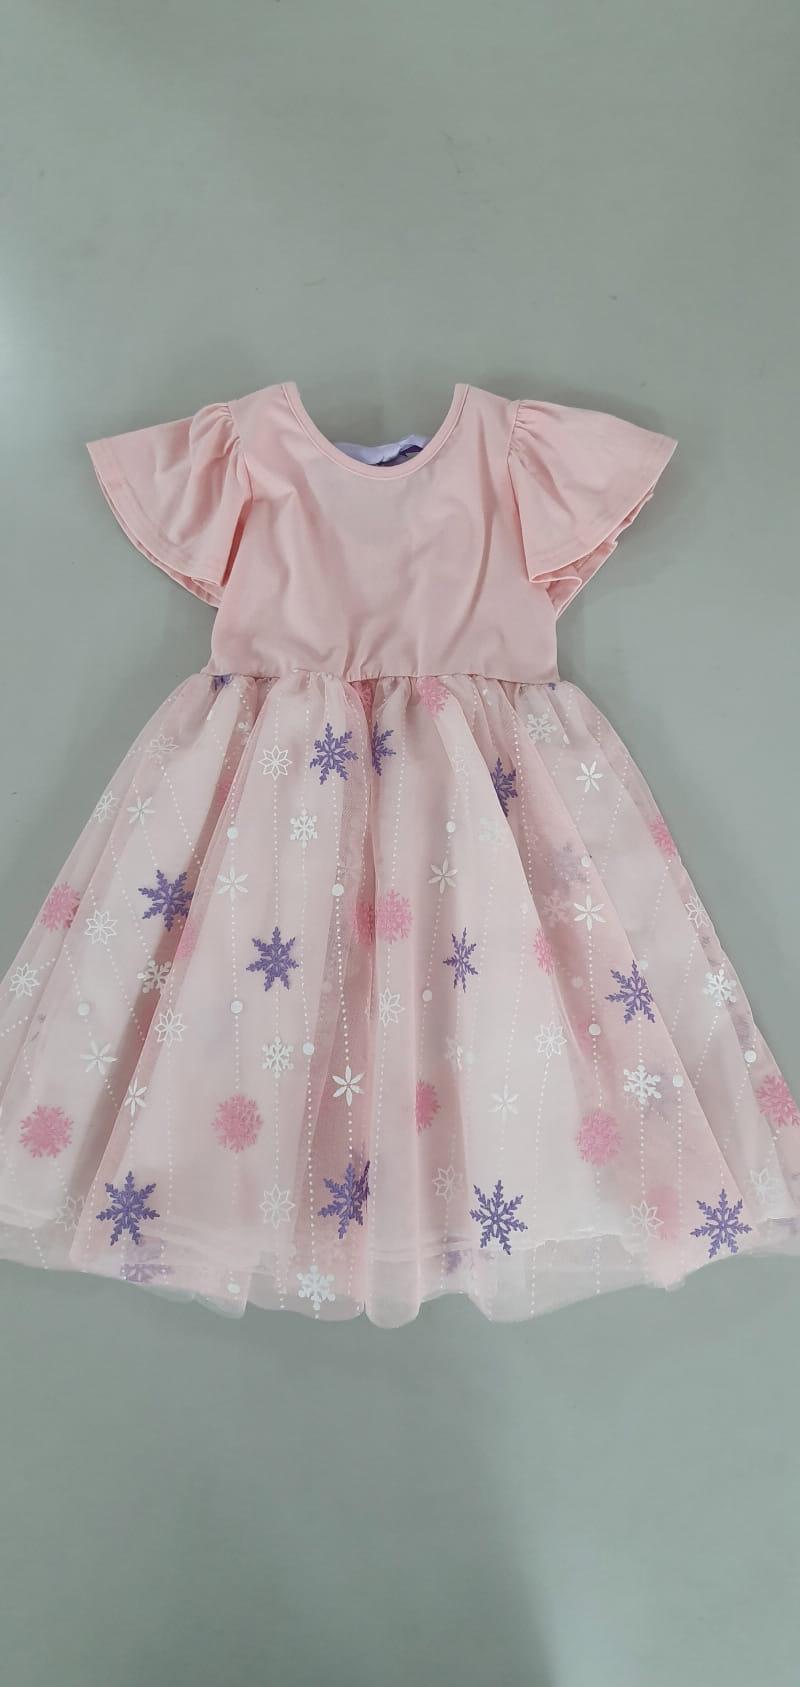 E.RU - Korean Children Fashion - #Kfashion4kids - Cuty One-piece - 8